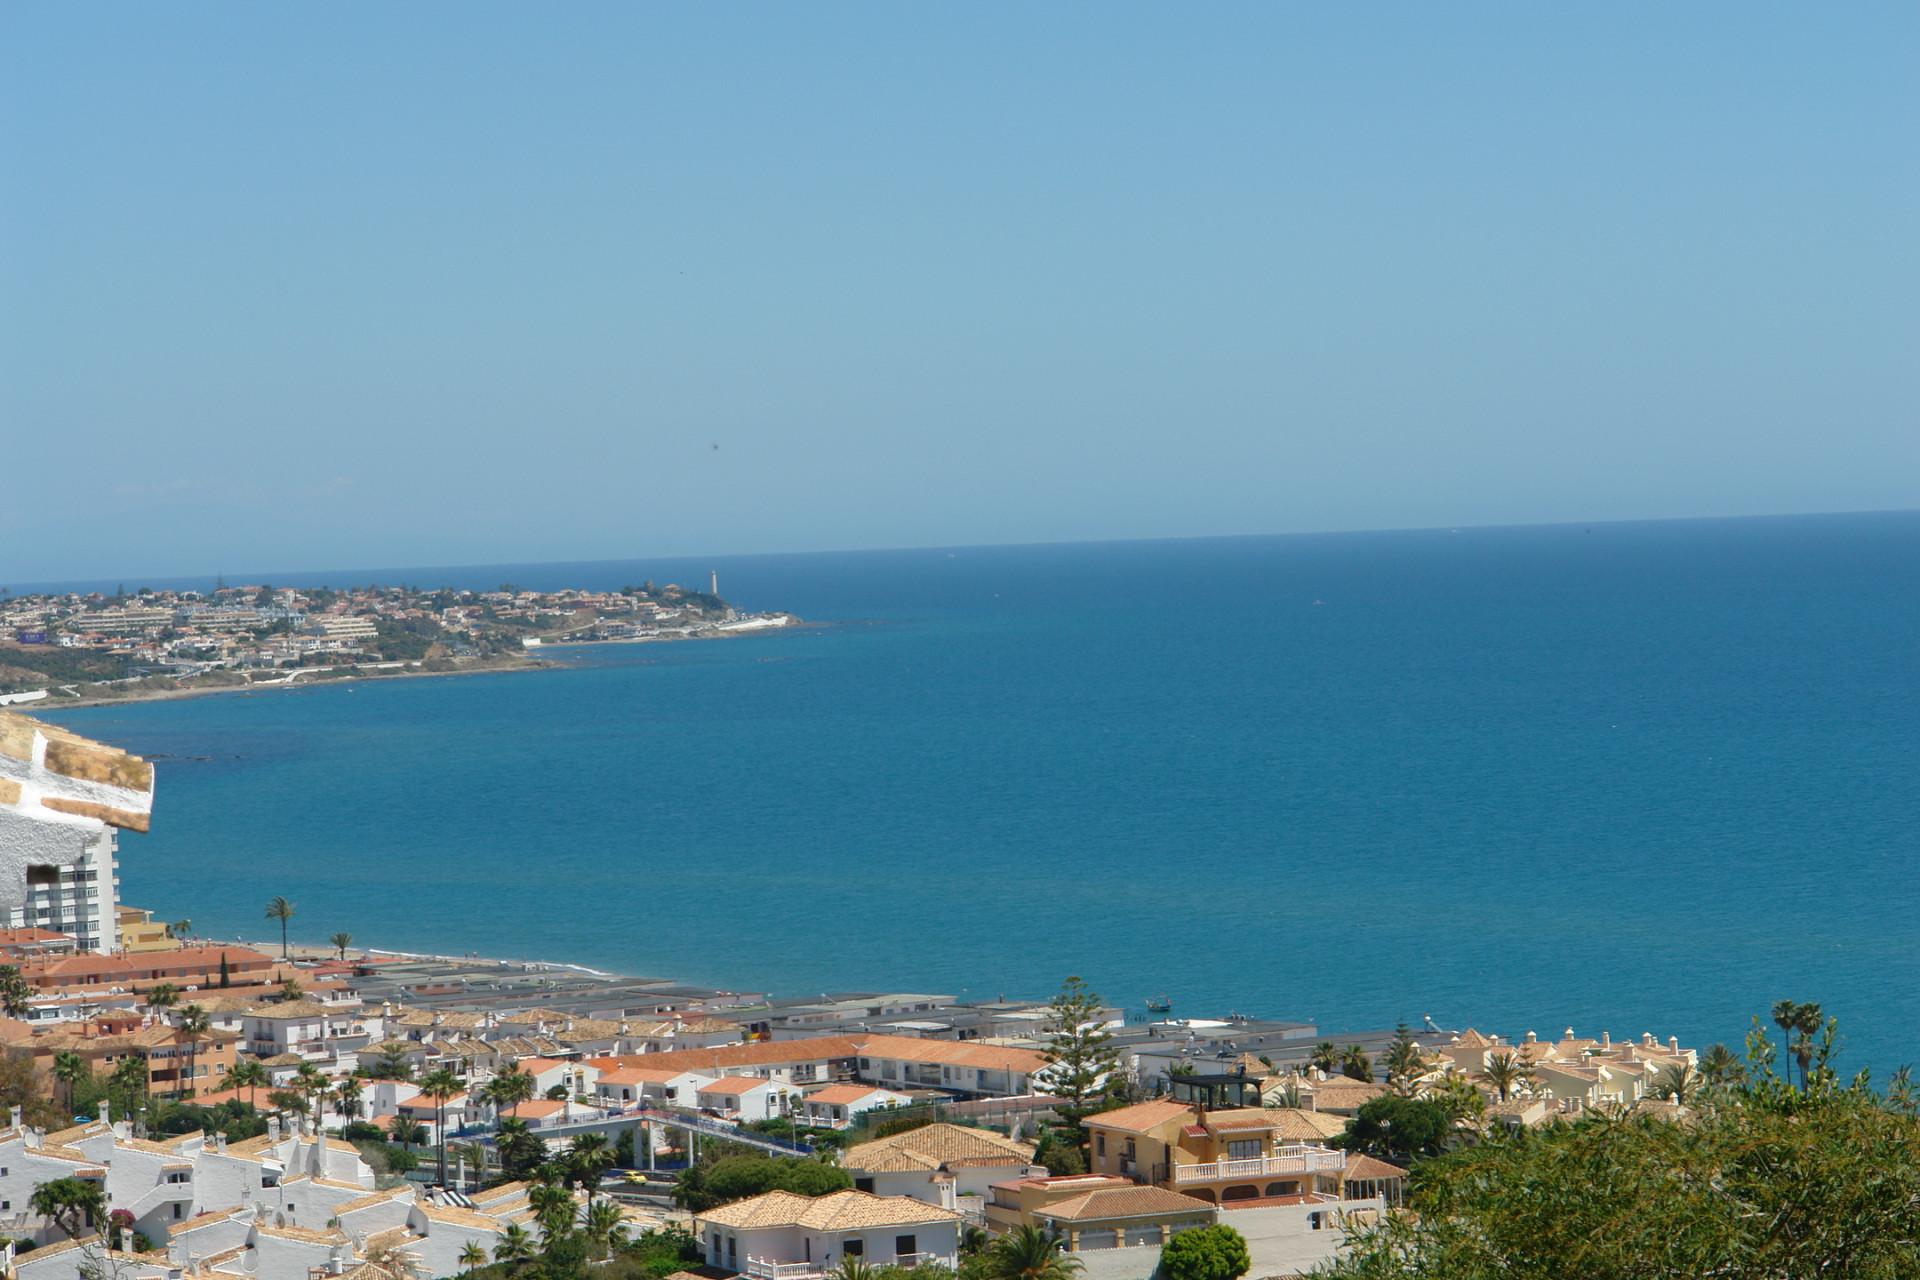 ARFA1327 - Penthouse zum Verkauf mit Meerblick in Miraflores in Mijas-Costa